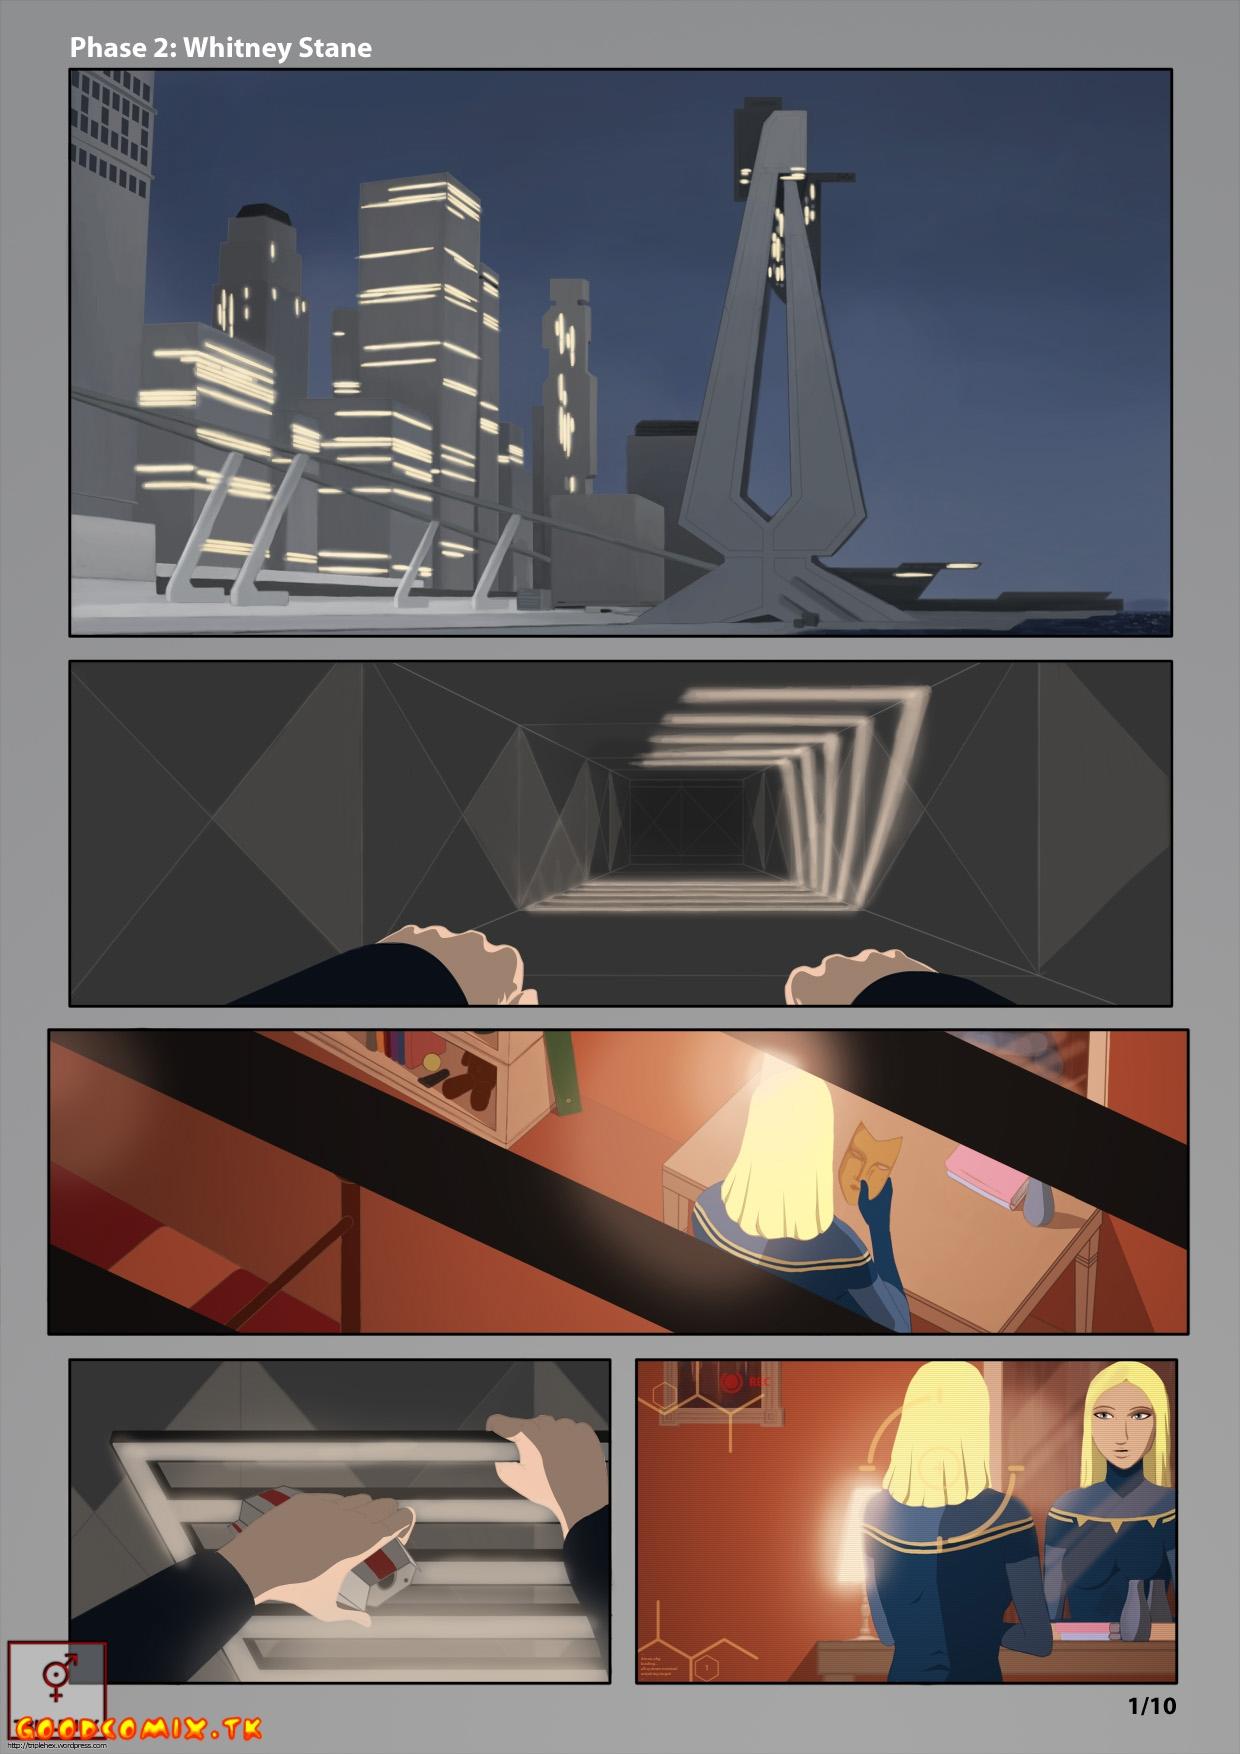 Goodcomix Iron Man - [Triplehex] - Armored Adventures - Phase 2 - Whitney Stane